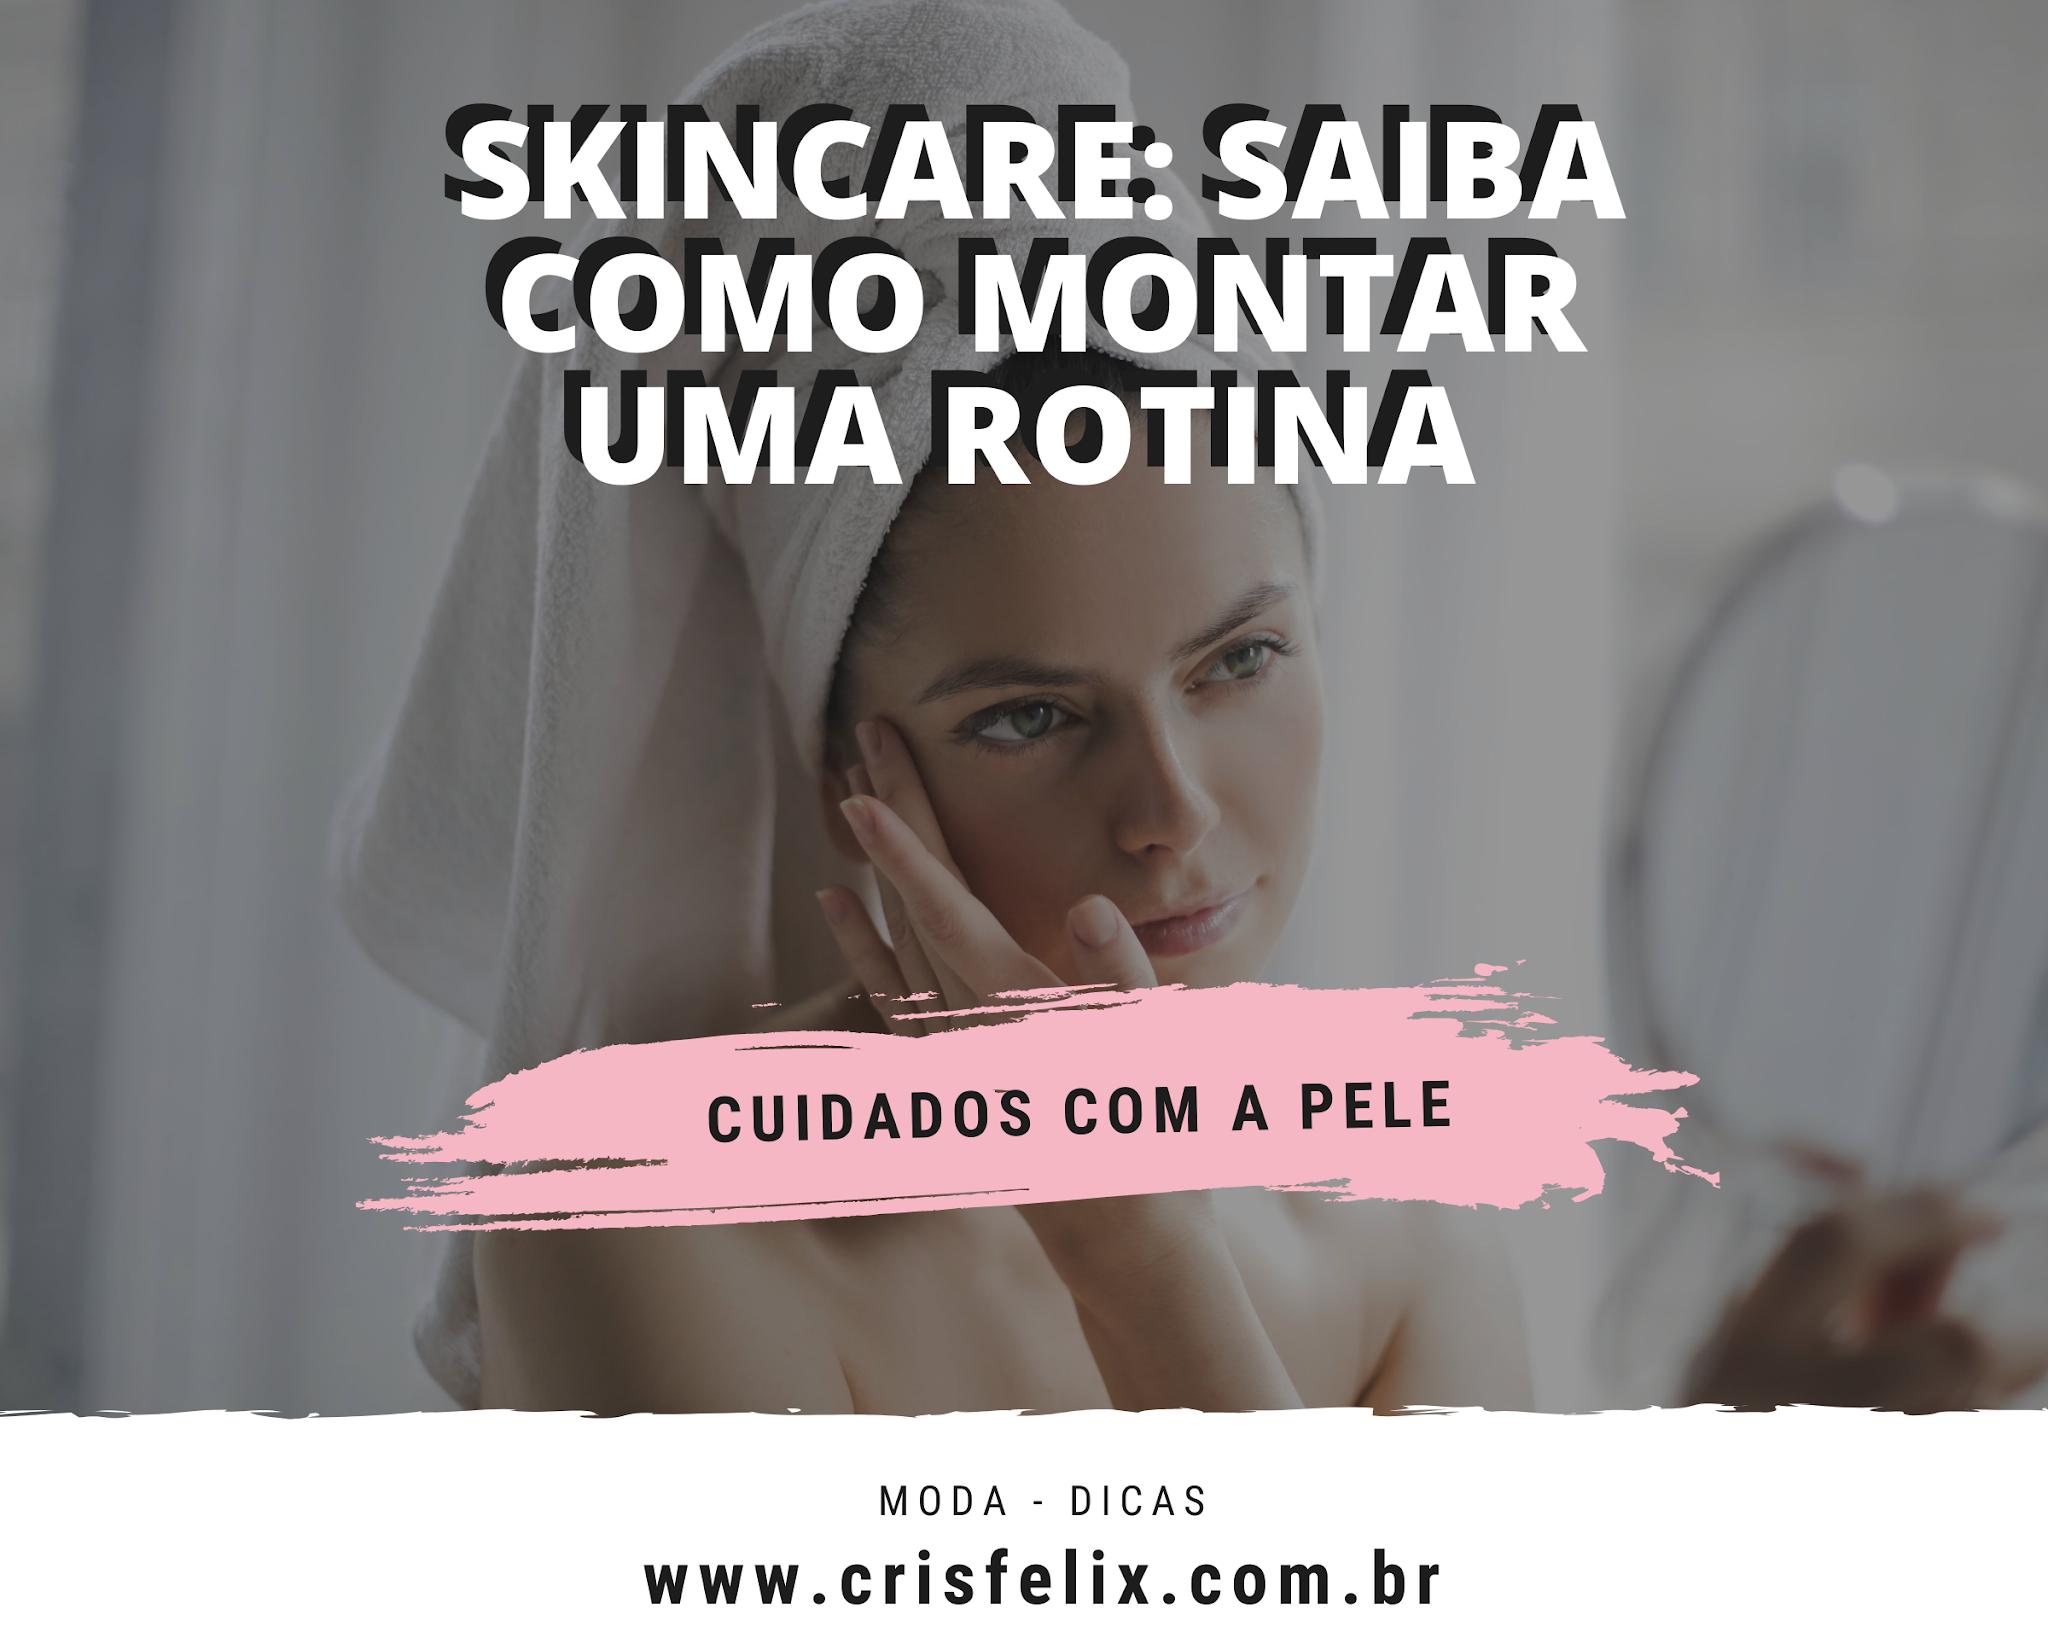 Skincare: saiba como montar uma rotina